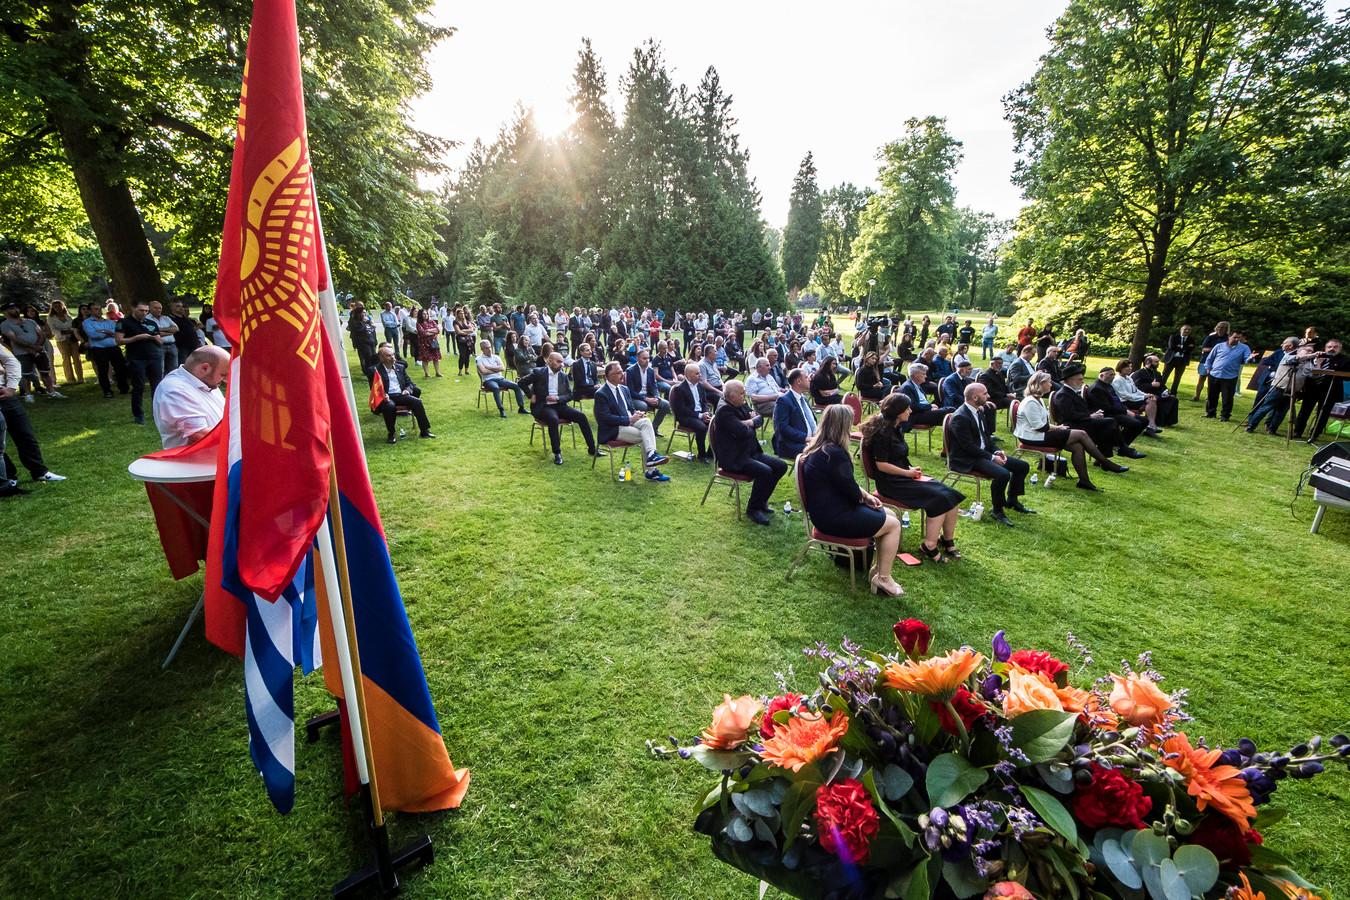 De herdenking van de genocide op de Arameërs in het Volkspark in Enschede, vorige maand.